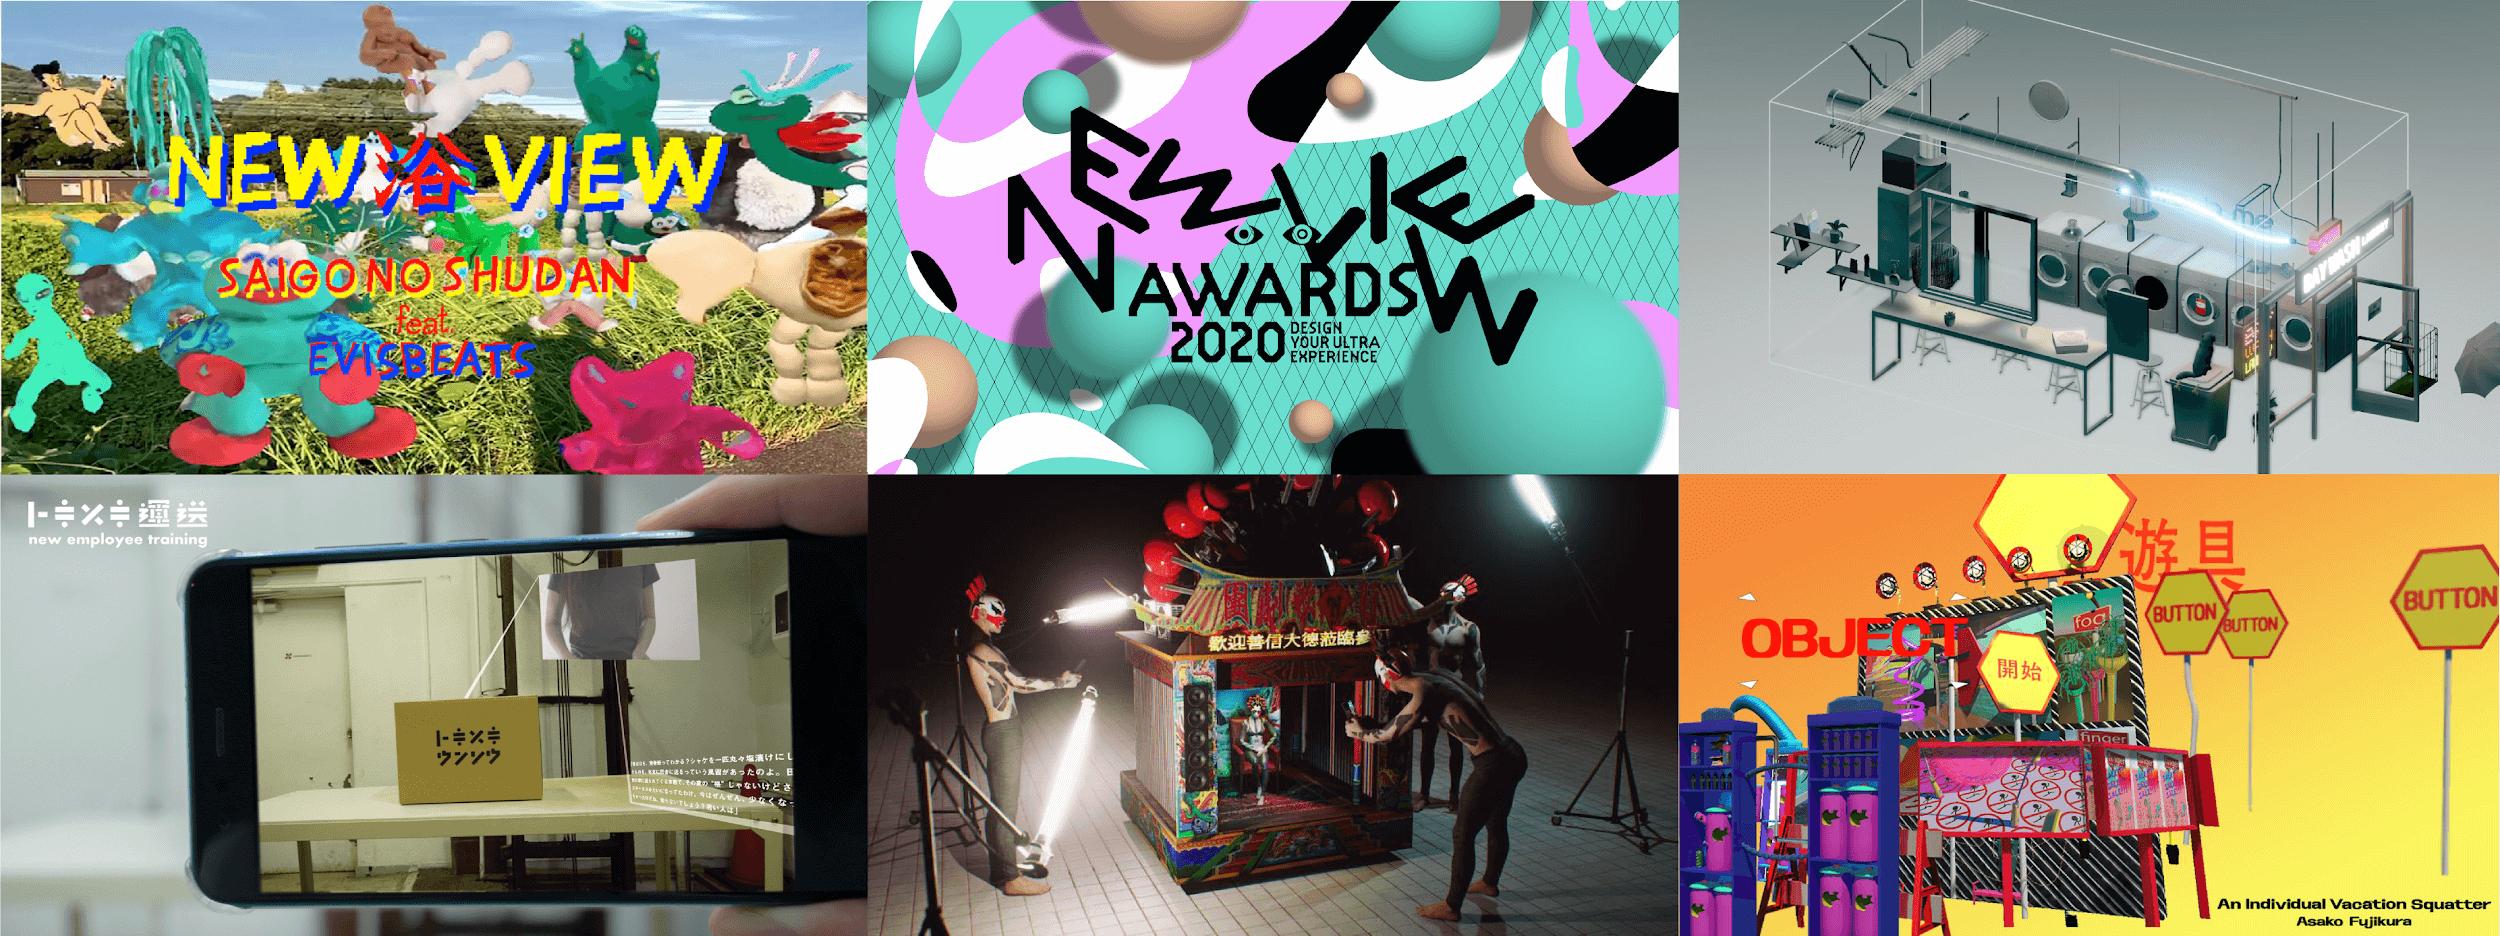 ARコラボ作品公開!xRコンテンツを募るアワード「NEWVIEW AWARDS2020」